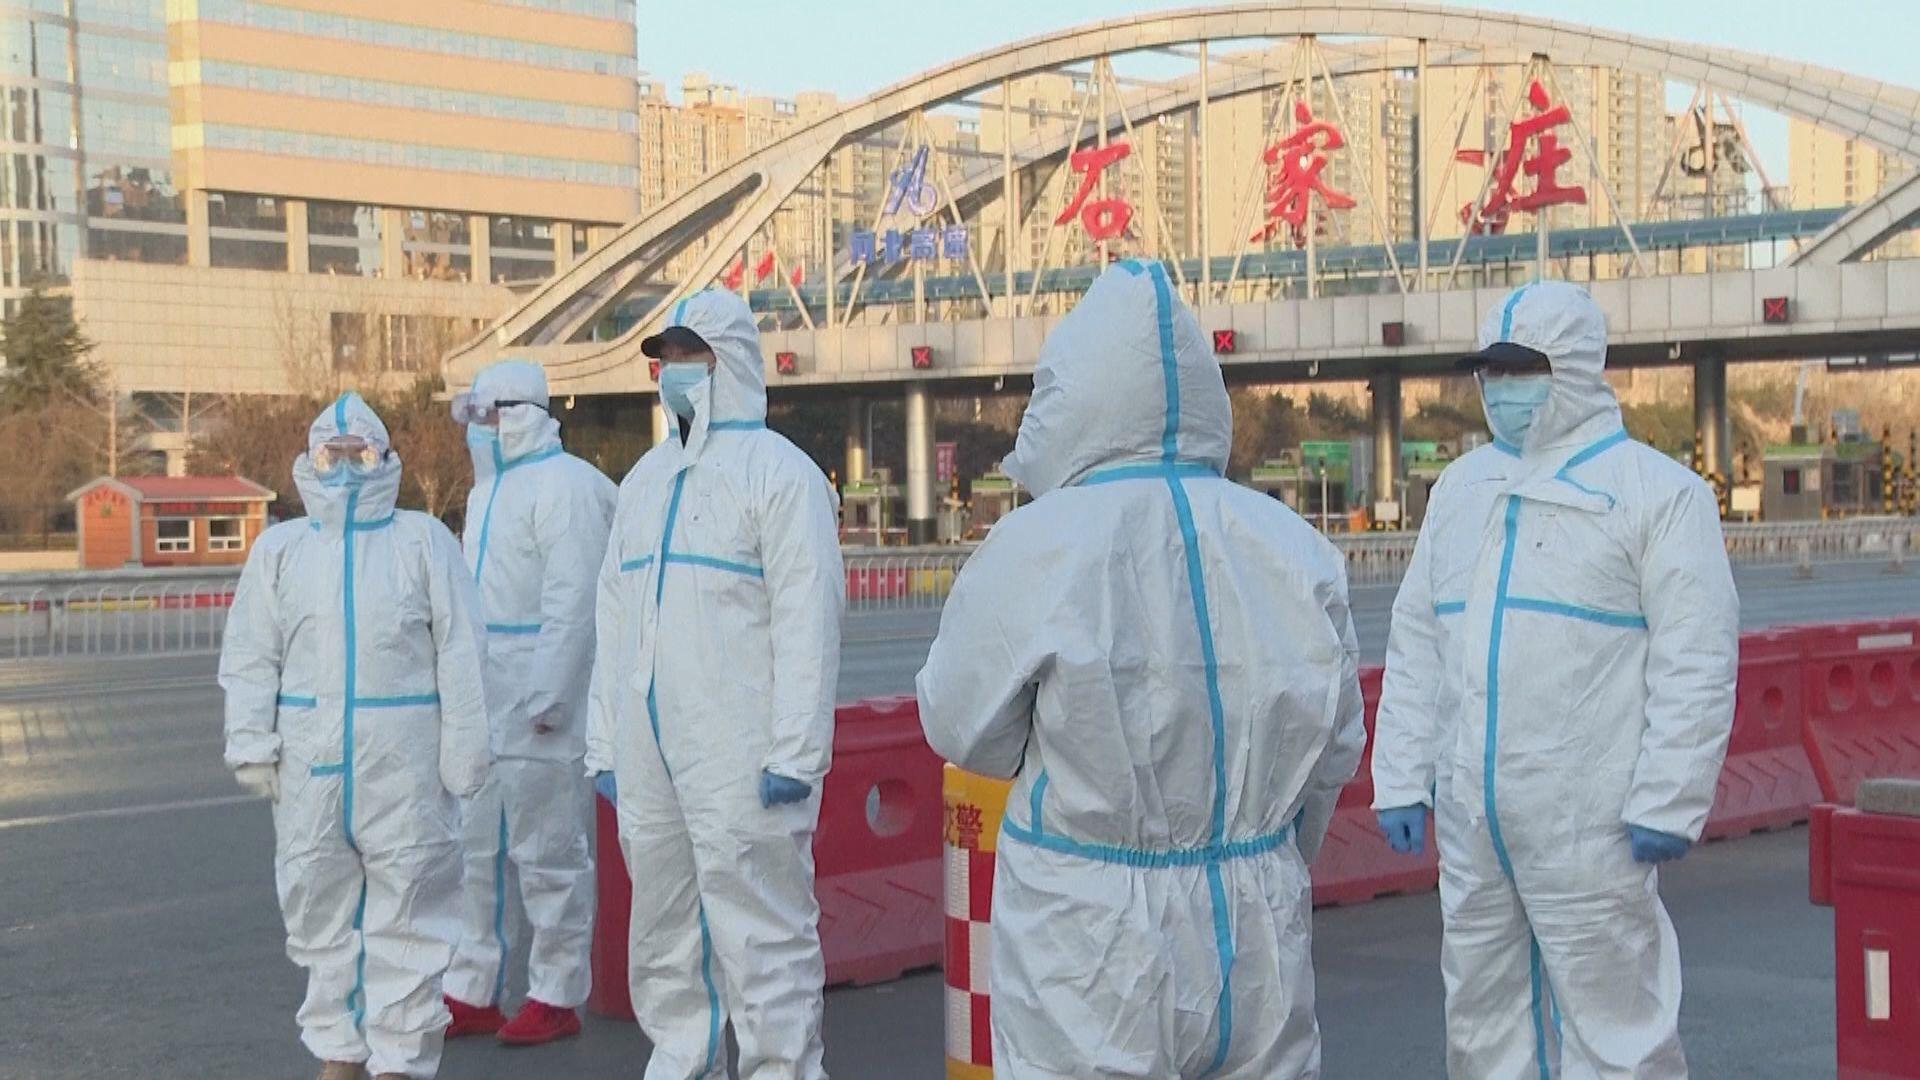 內地新增69宗確診 本土病例佔48宗主要集中河北省